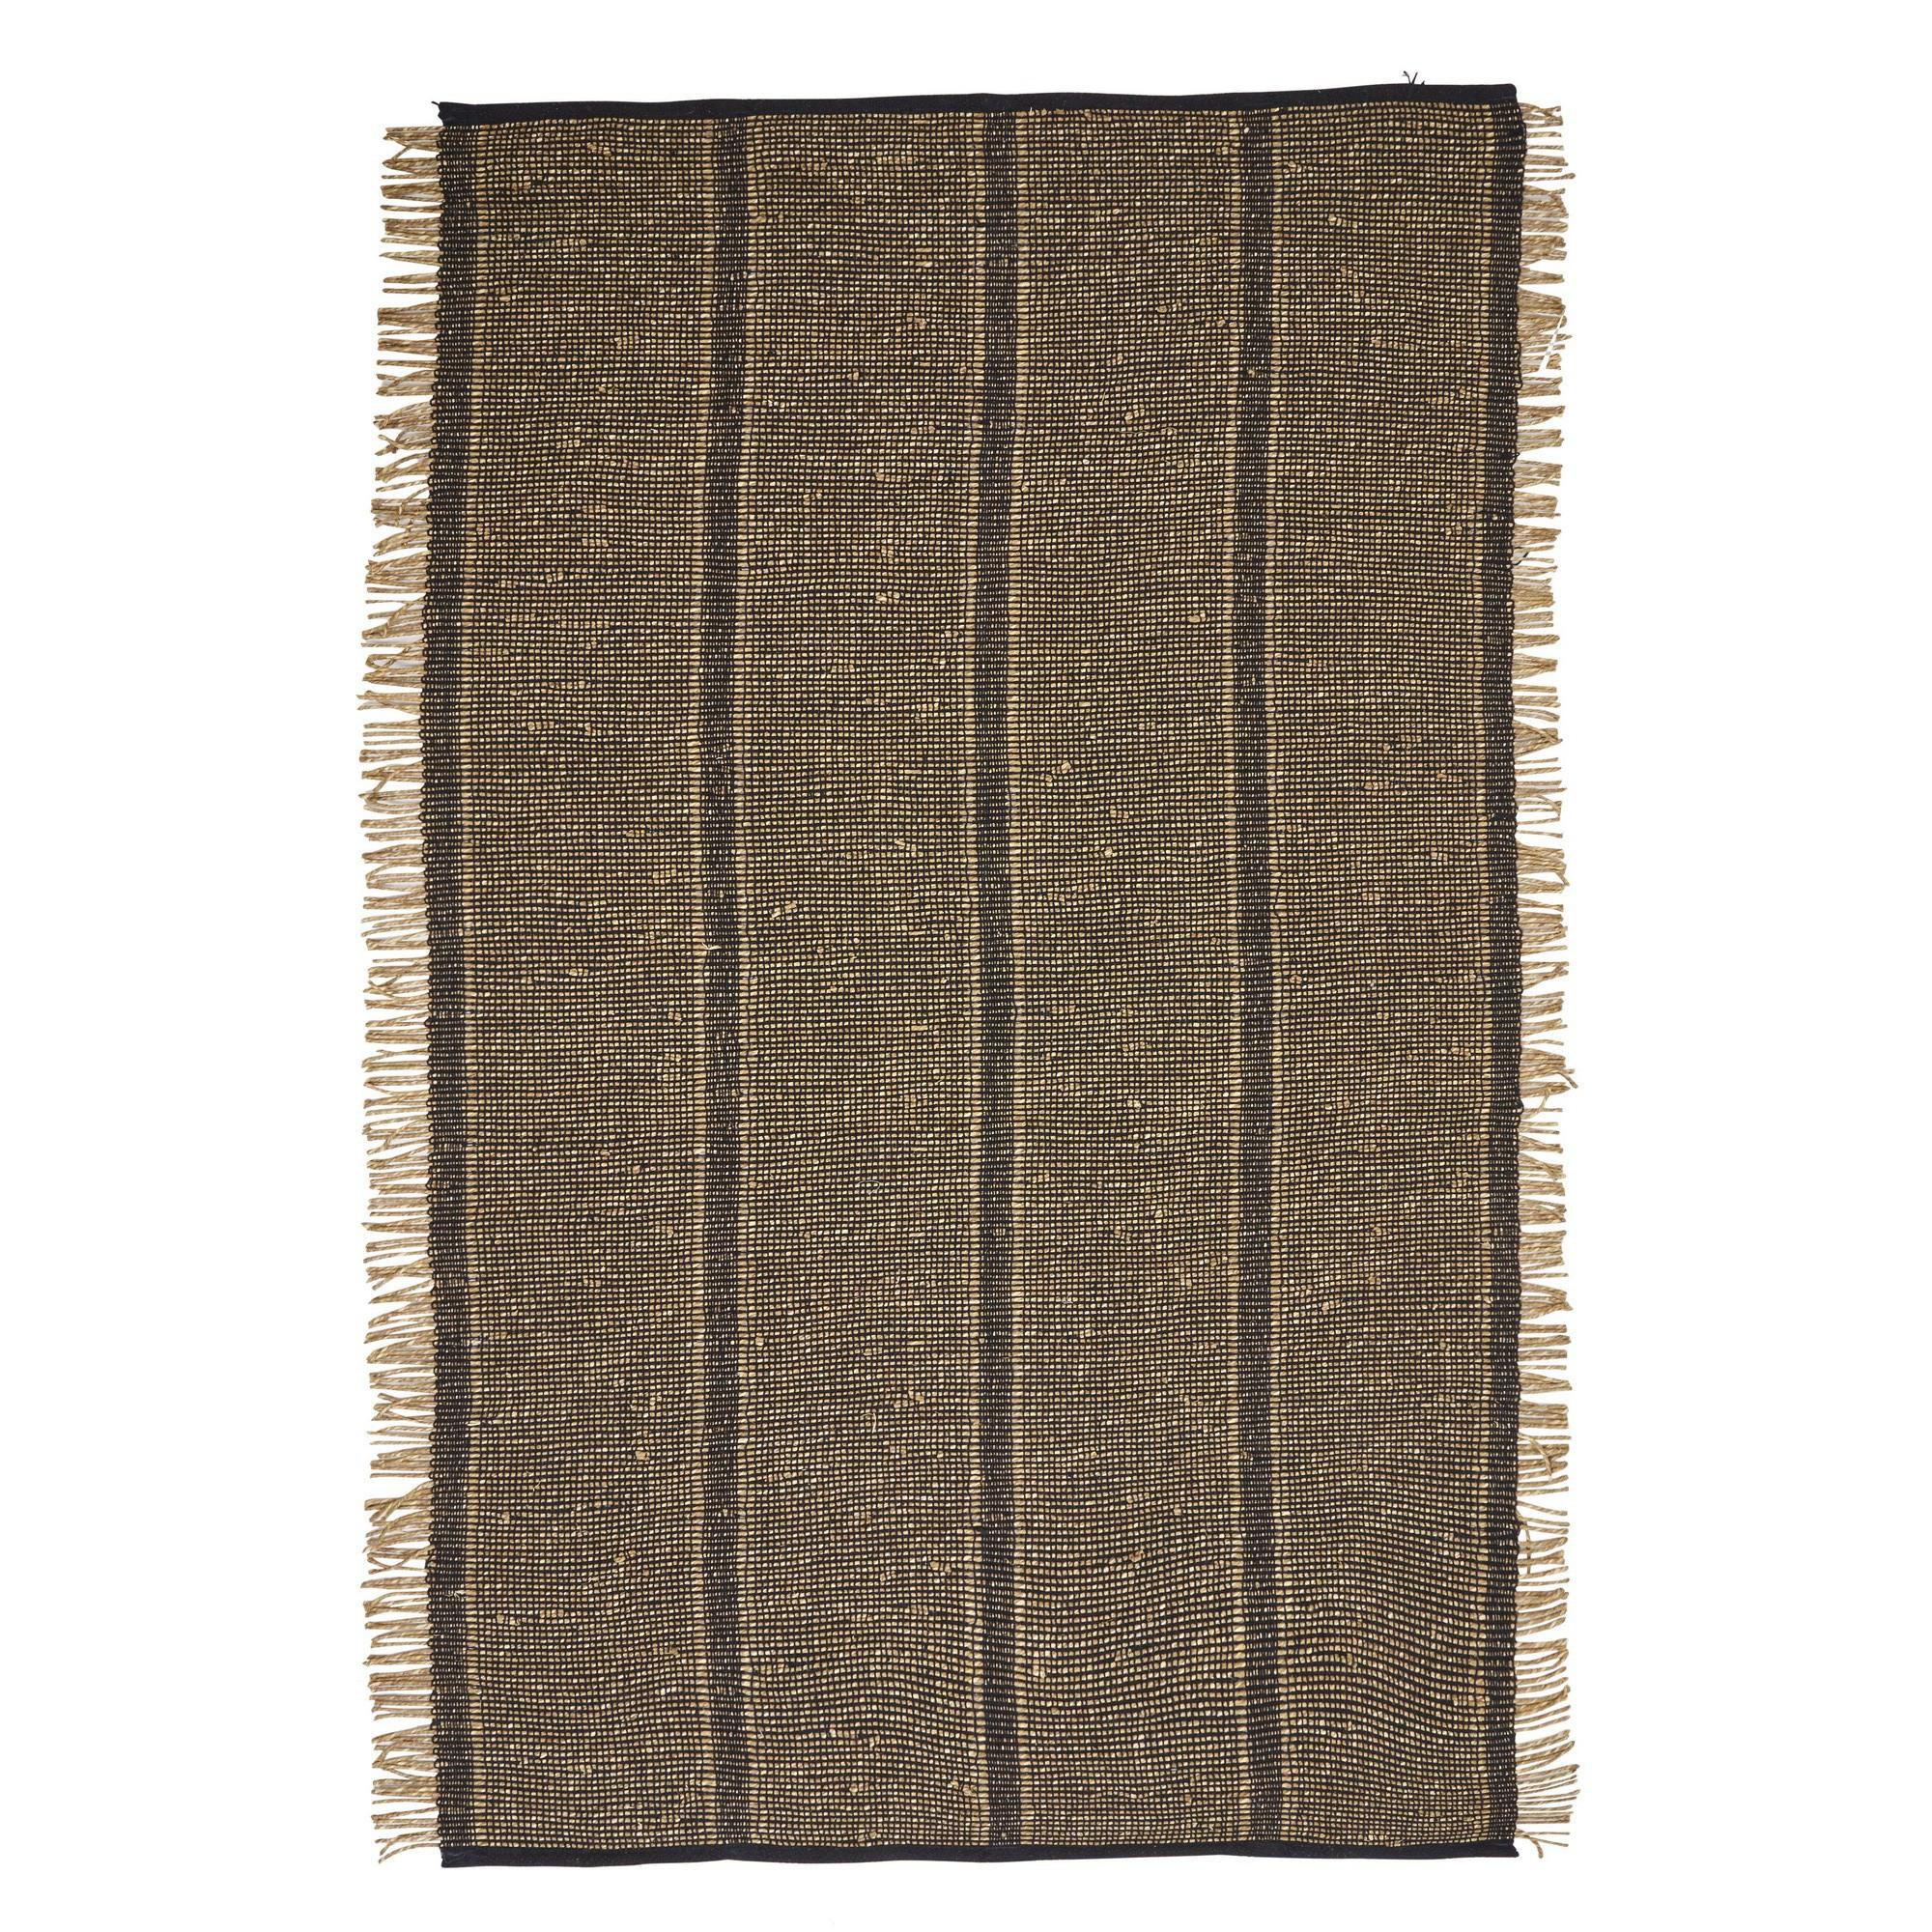 Shari Woven Seagrass Rug, 300x200cm